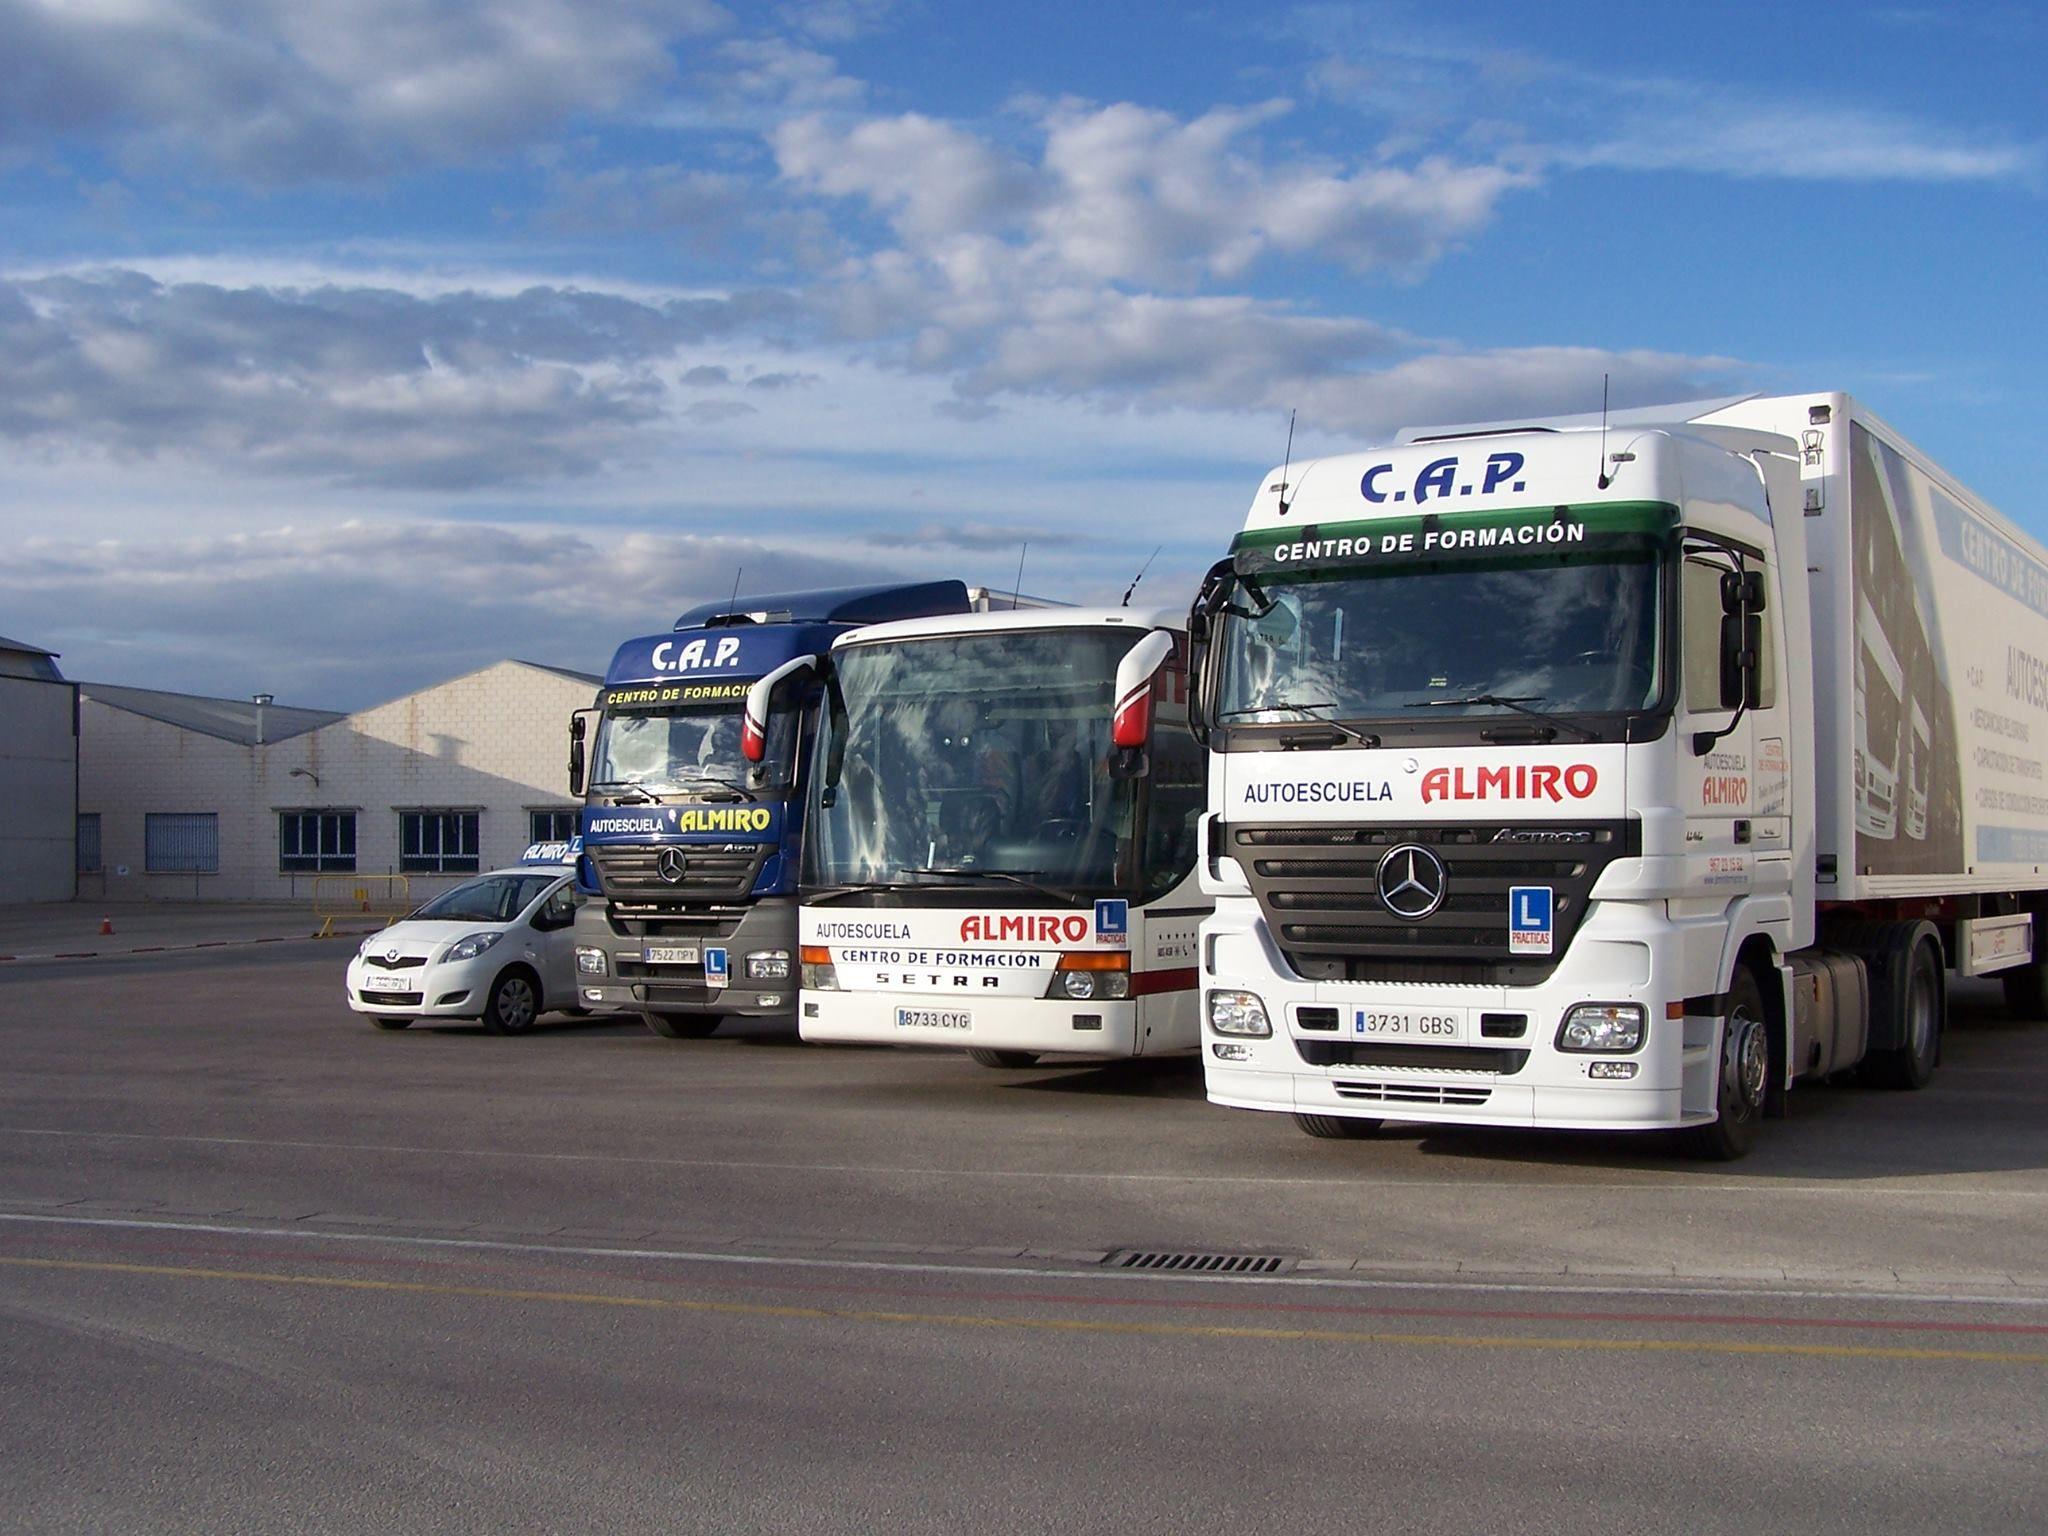 Transporte de mercancías peligrosas: Servicios de Autoescuela Almiro